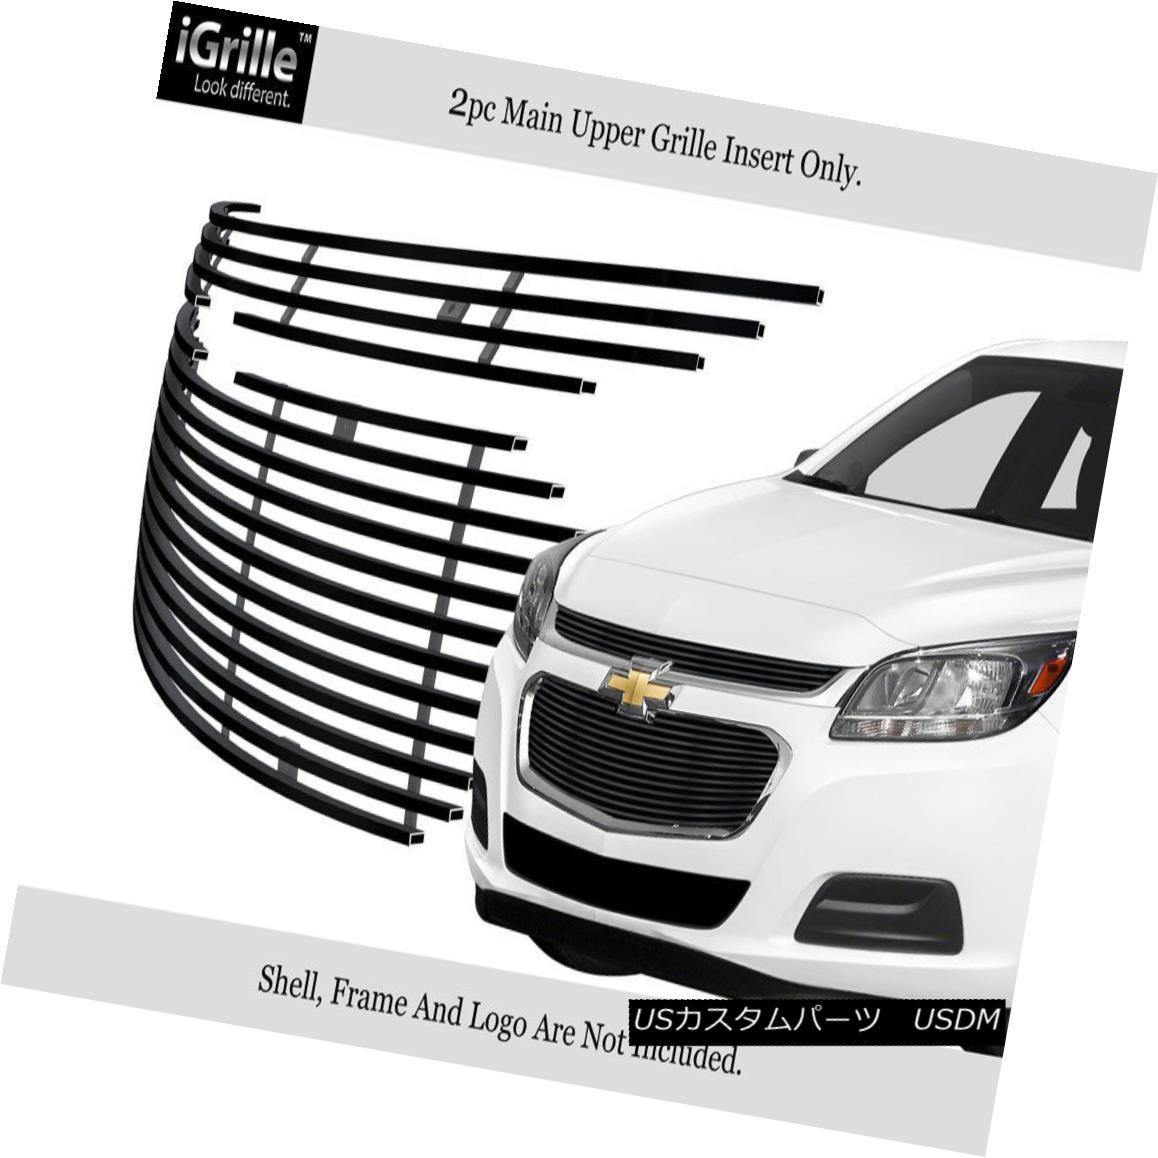 グリル Fits 2014-2015 Chevy Malibu Main Upper Stainless Black Billet Grille Insert フィット2014-2015シボレーマリブメインアッパーステンレスブラックビレットグリルインサート